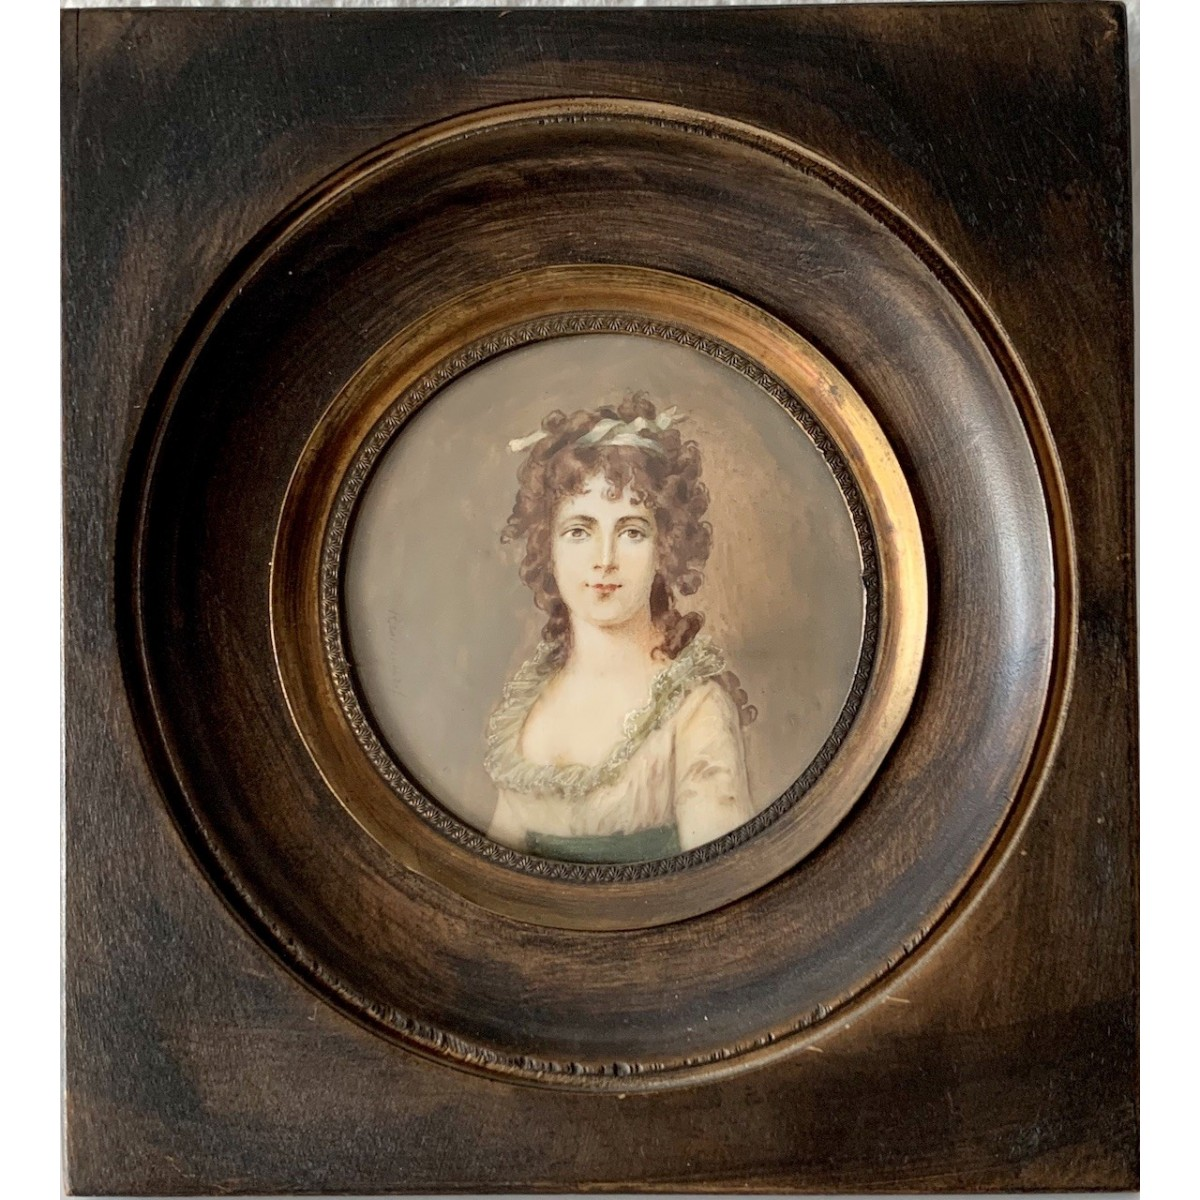 Ritratto di donna, miniatura dell'800